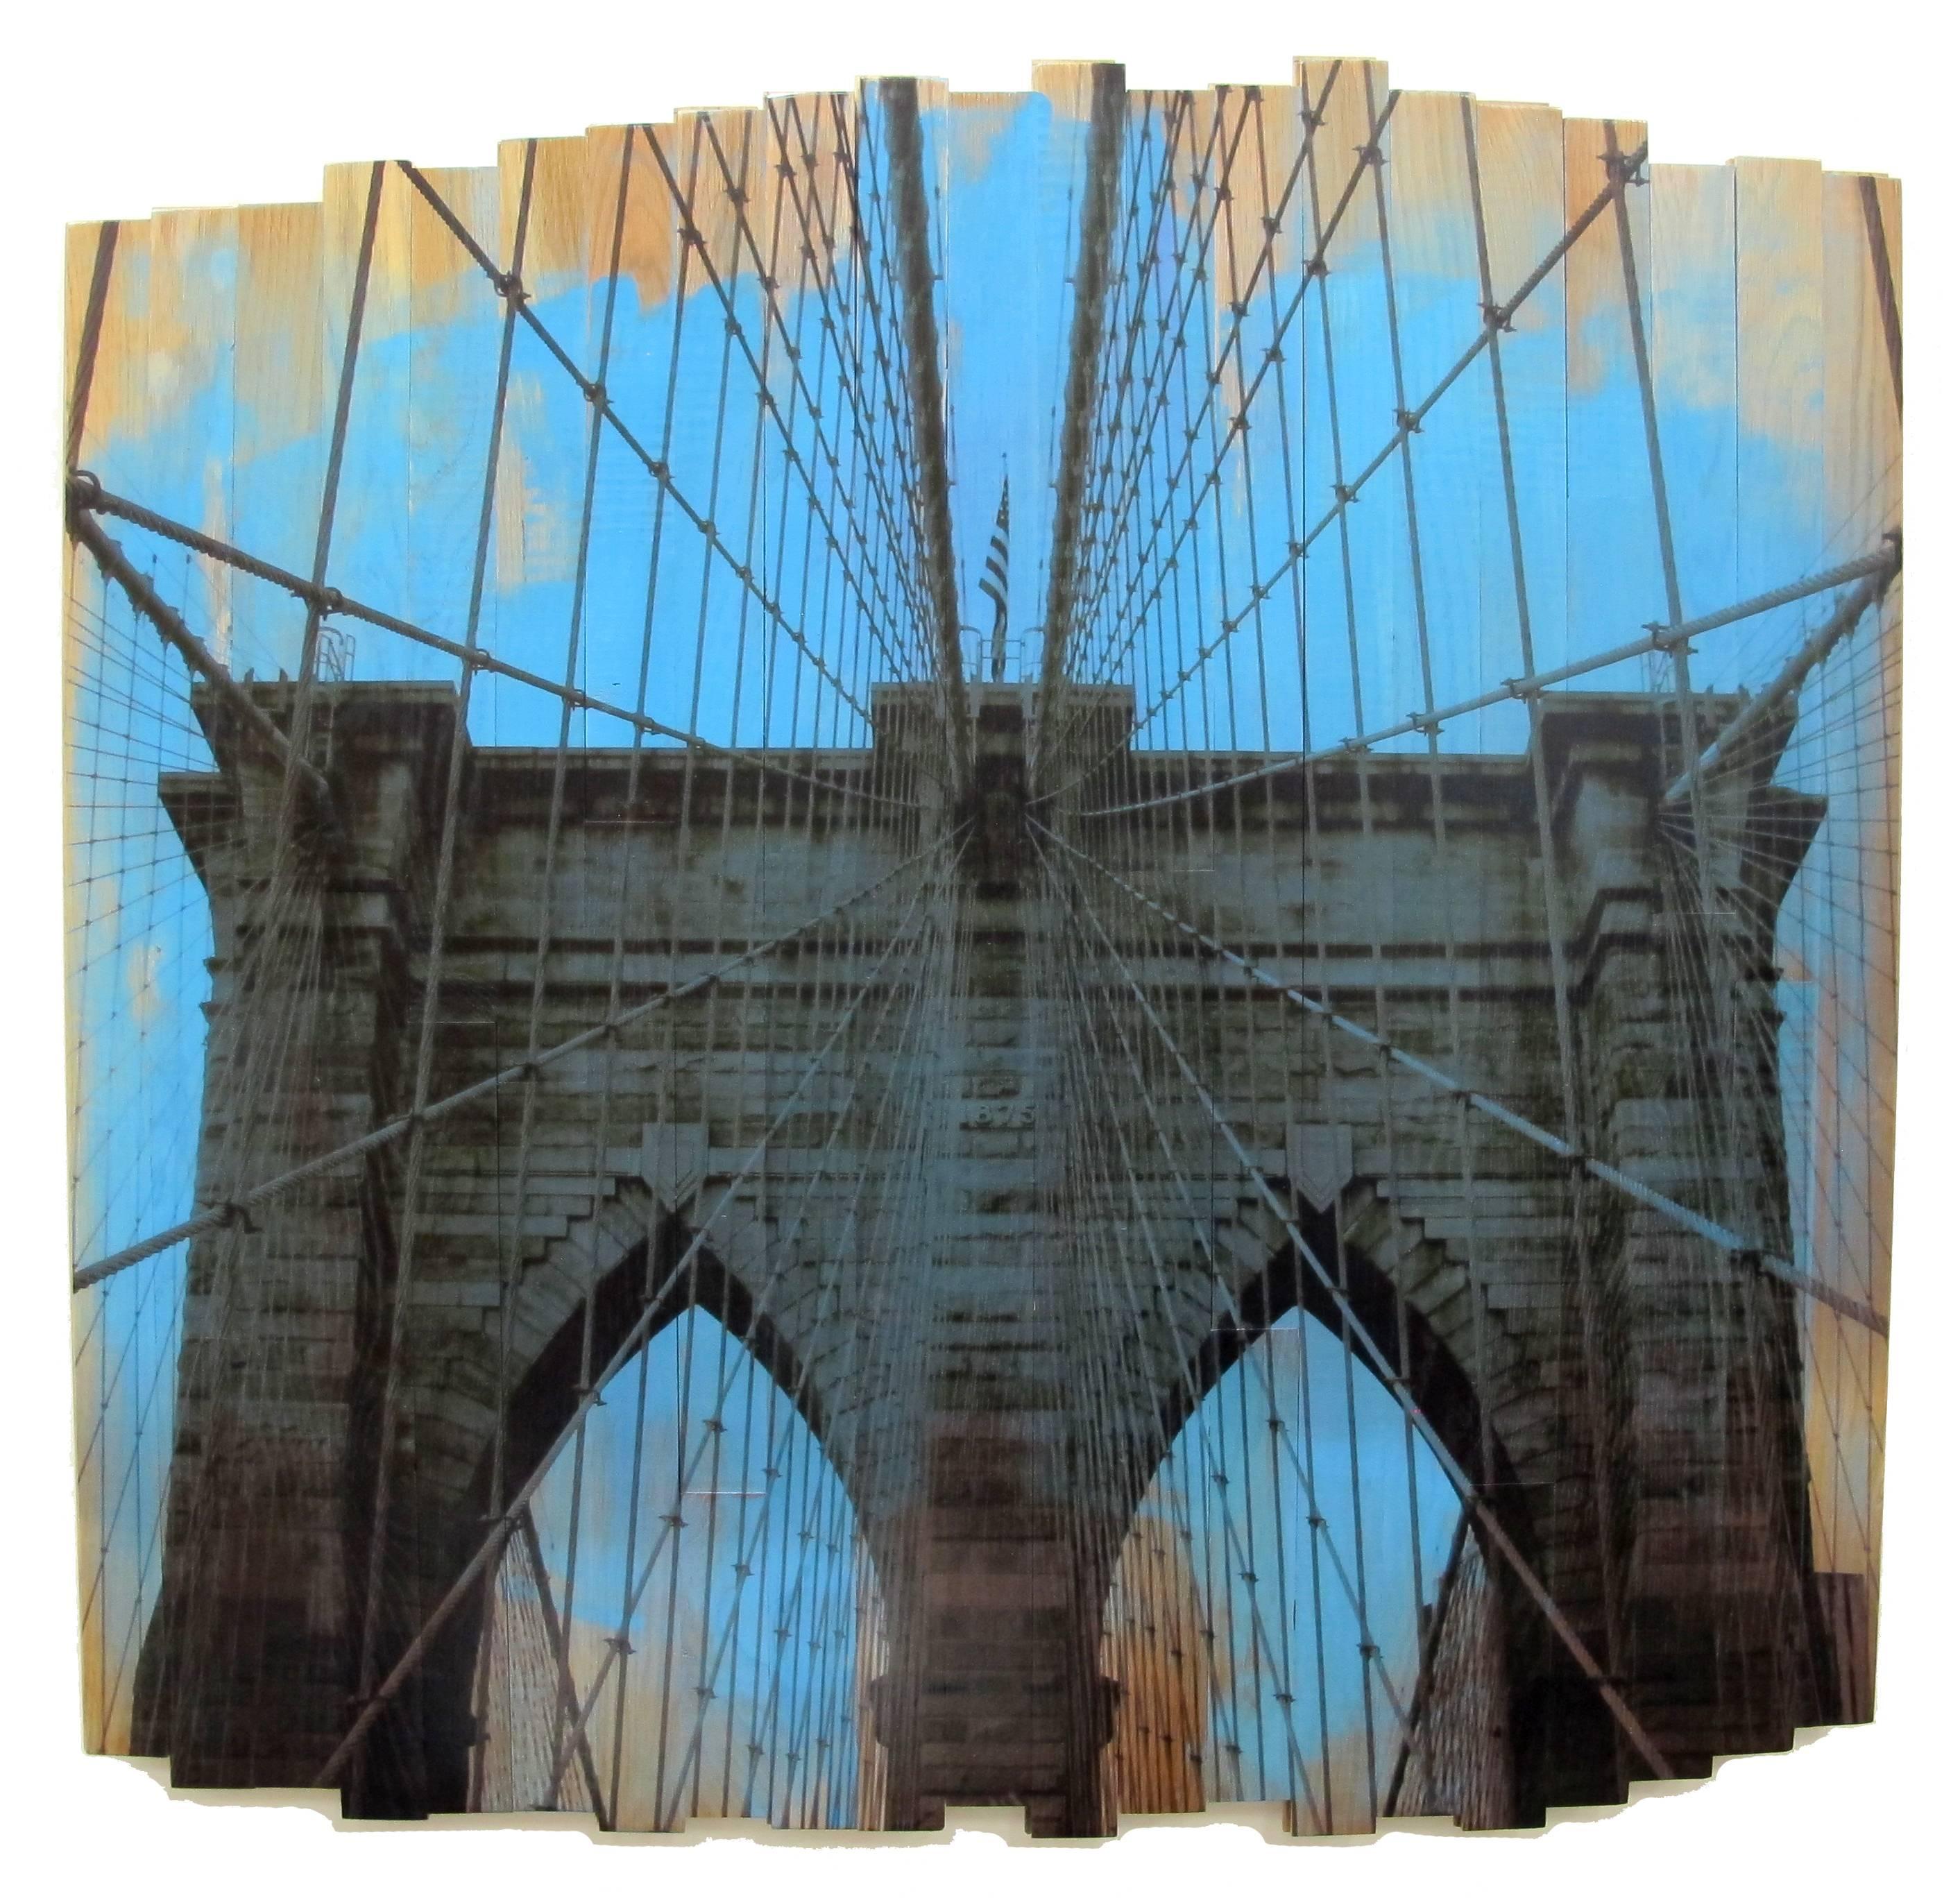 Brooklyn Bridge III, Blue Skies, mixed media photography on wood